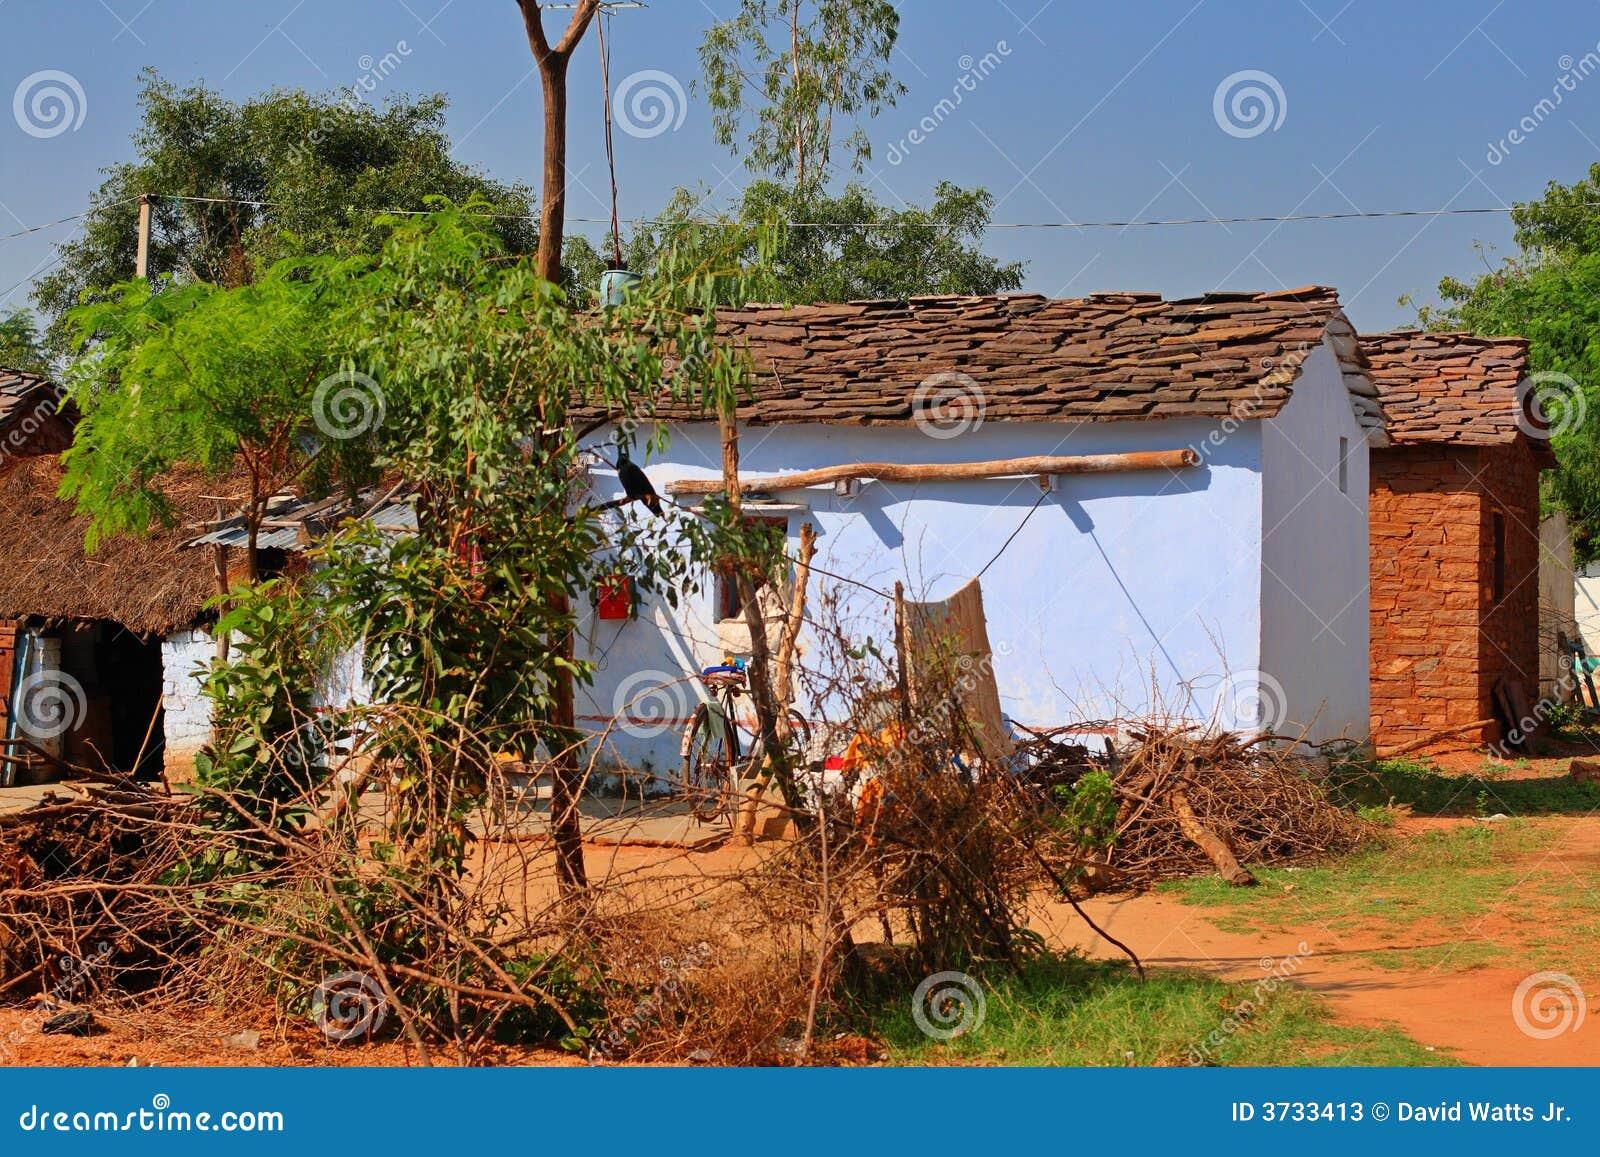 Indian Village Houses Stock Image Image Of Pradesh Rural 3733413